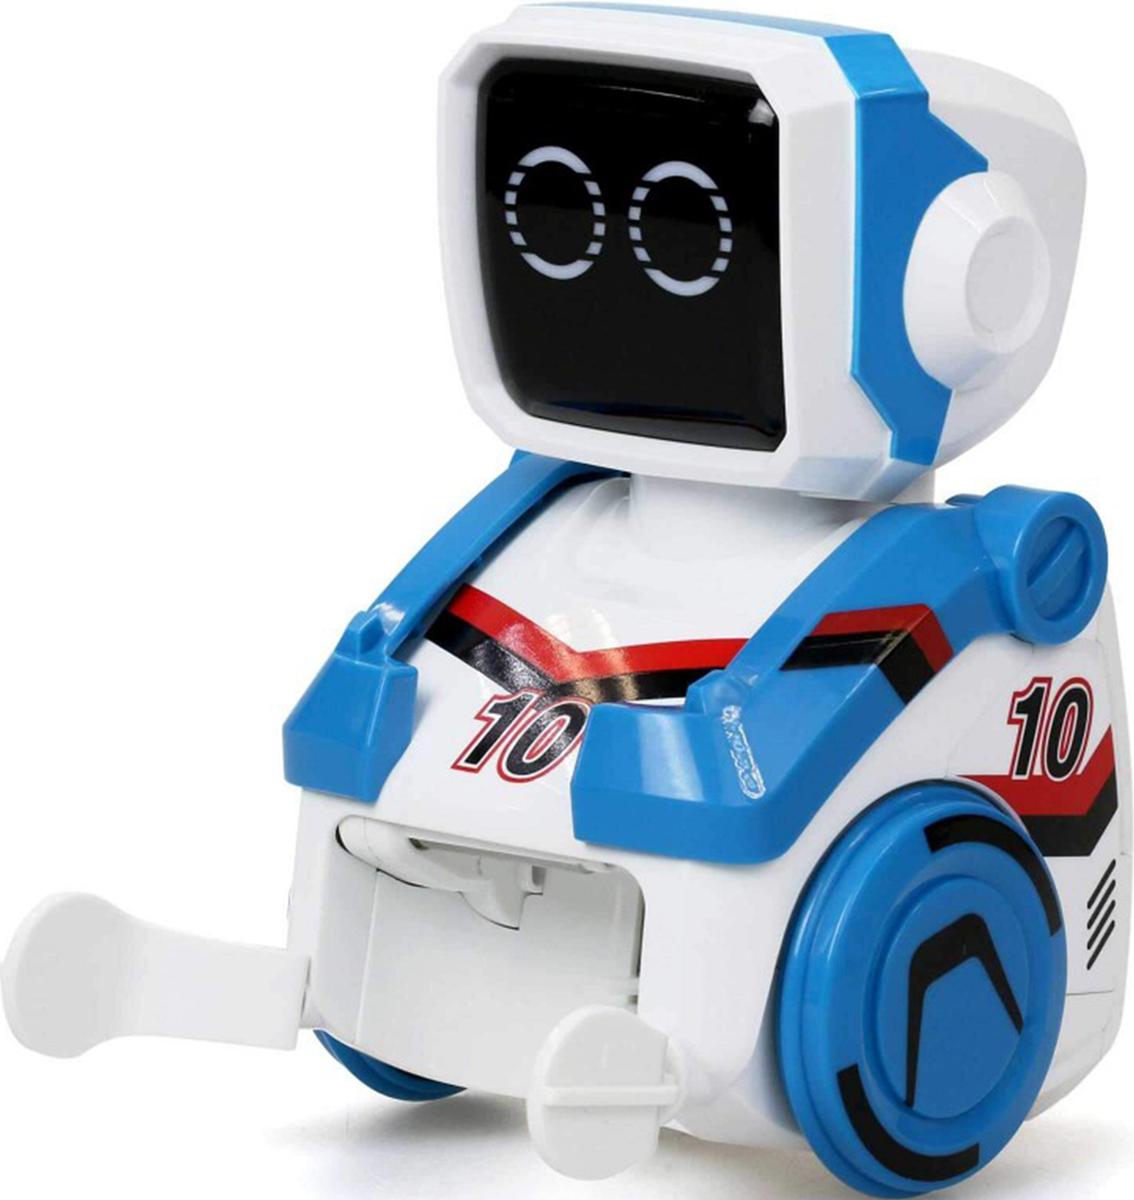 Silverlit Old School Робот футболист Кикабот цвет синий - Интерактивные игрушки